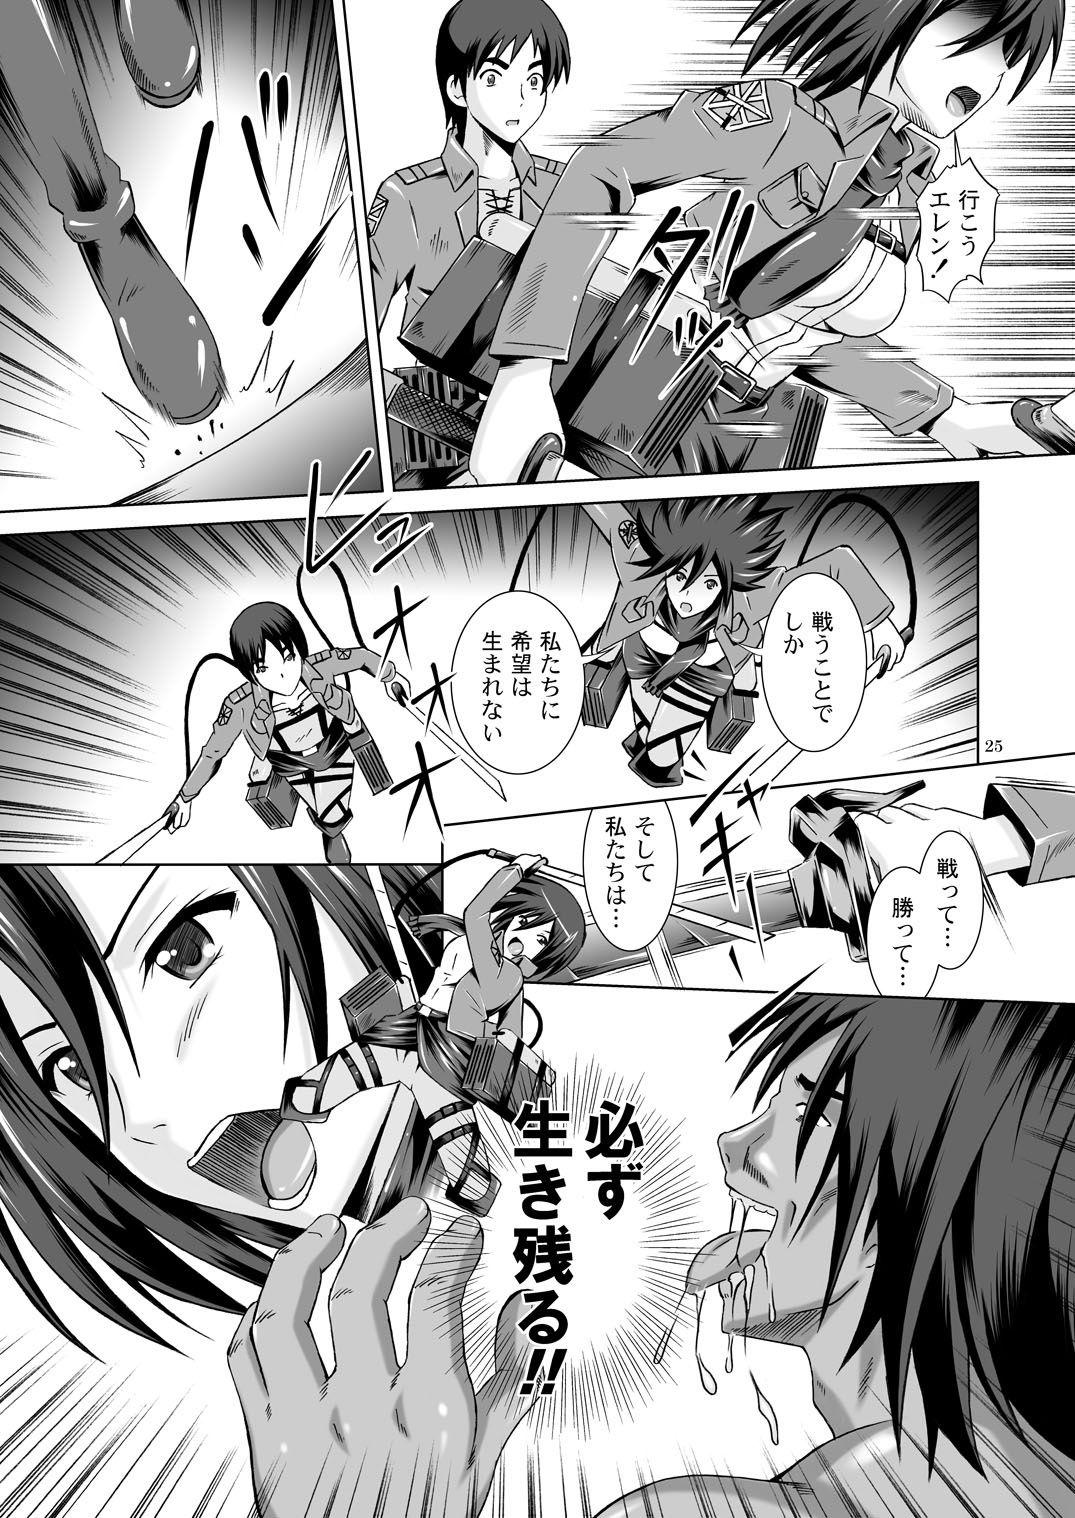 Sex with mikasa hentai manga picture 23